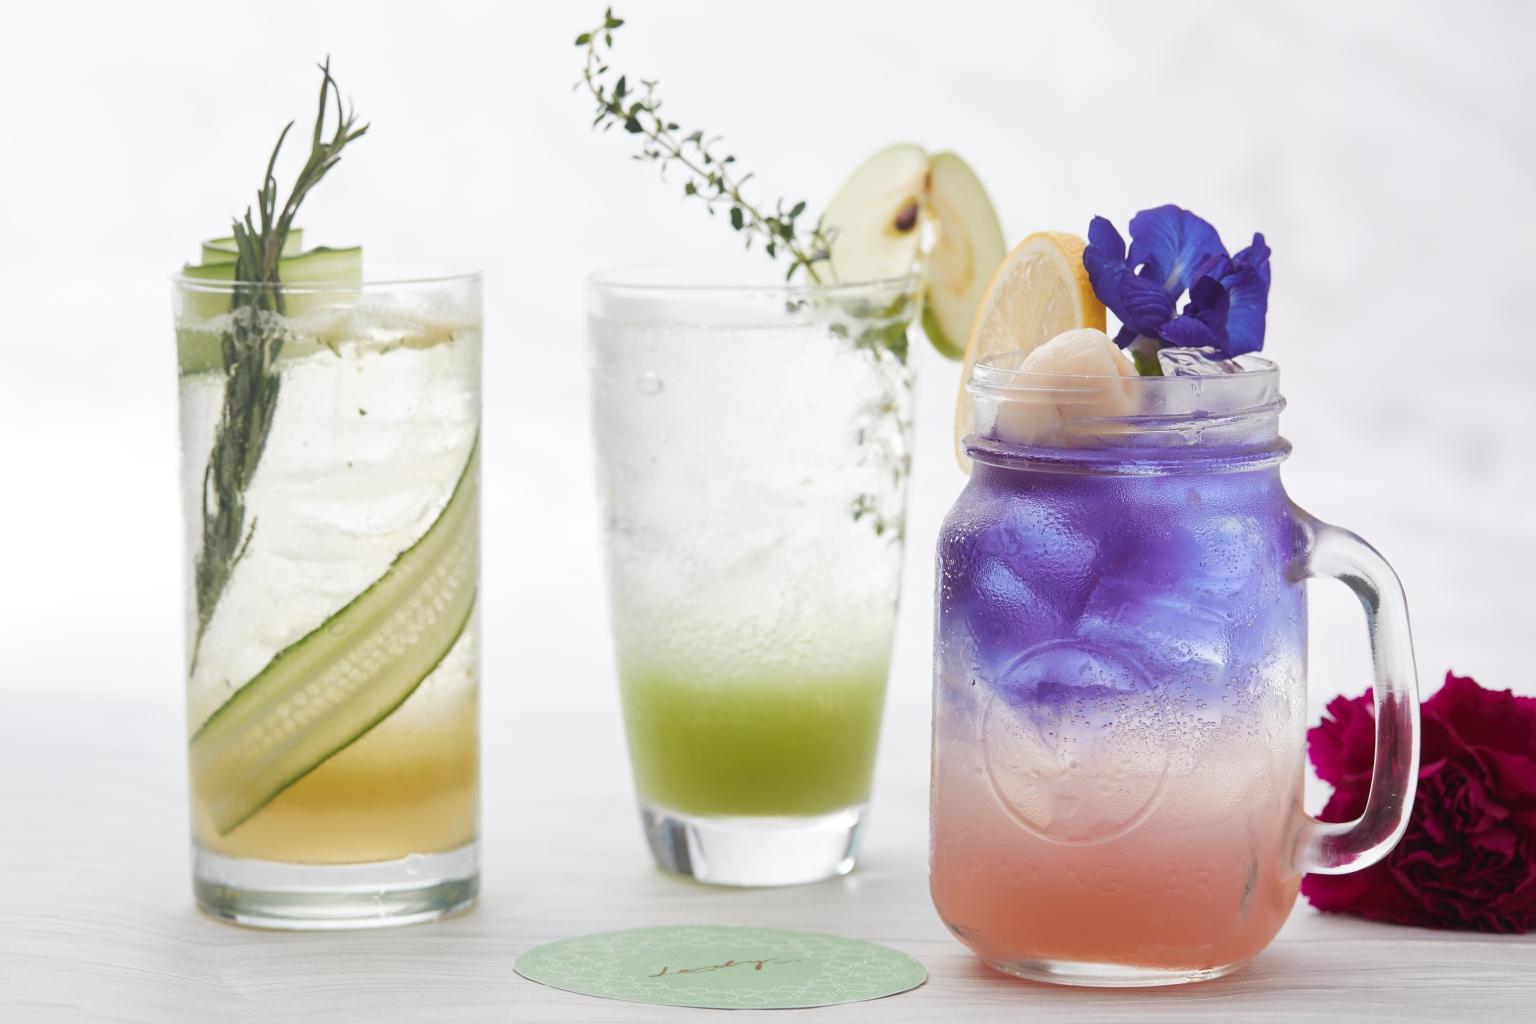 曼谷超夯繽紛色彩夢幻飲品 好拍又沁涼消暑